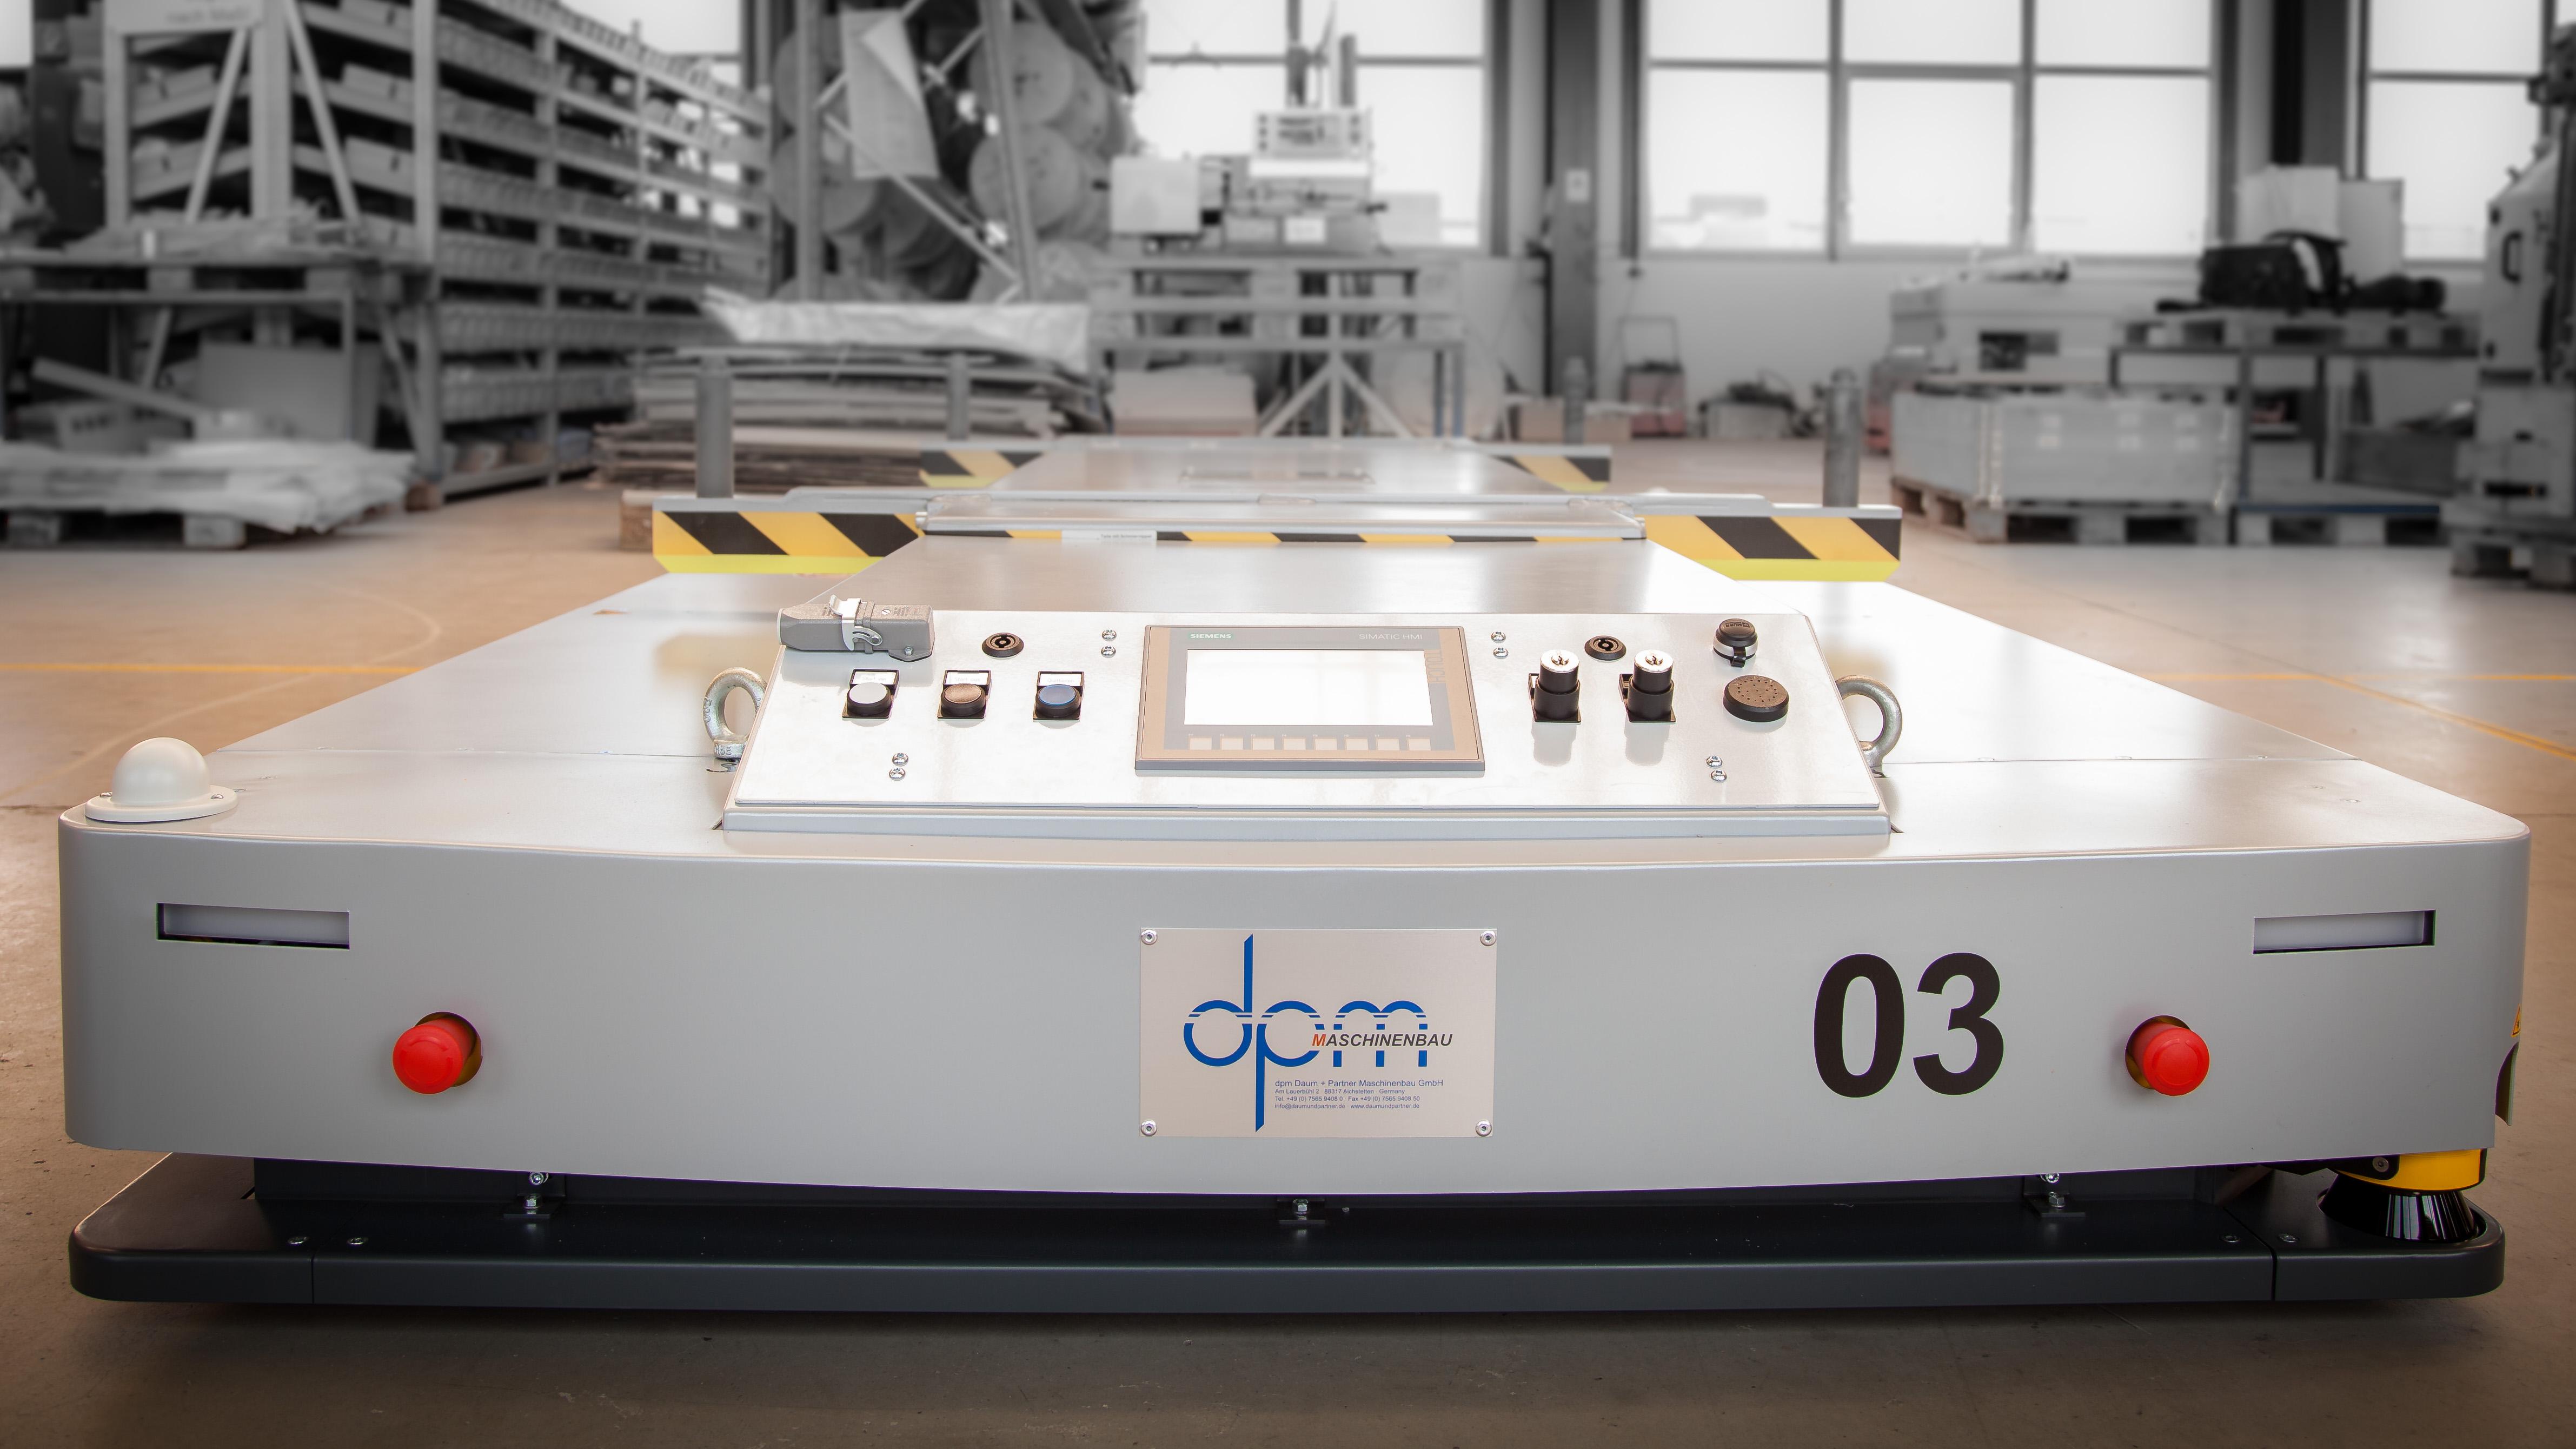 Über die sWave.net-Technologie werden FTS innerhalb kurzer Zeit aus dem Deep Sleep-Modus aufgeweckt. (Bild: Daum & Partner Maschinenbau GmbH)